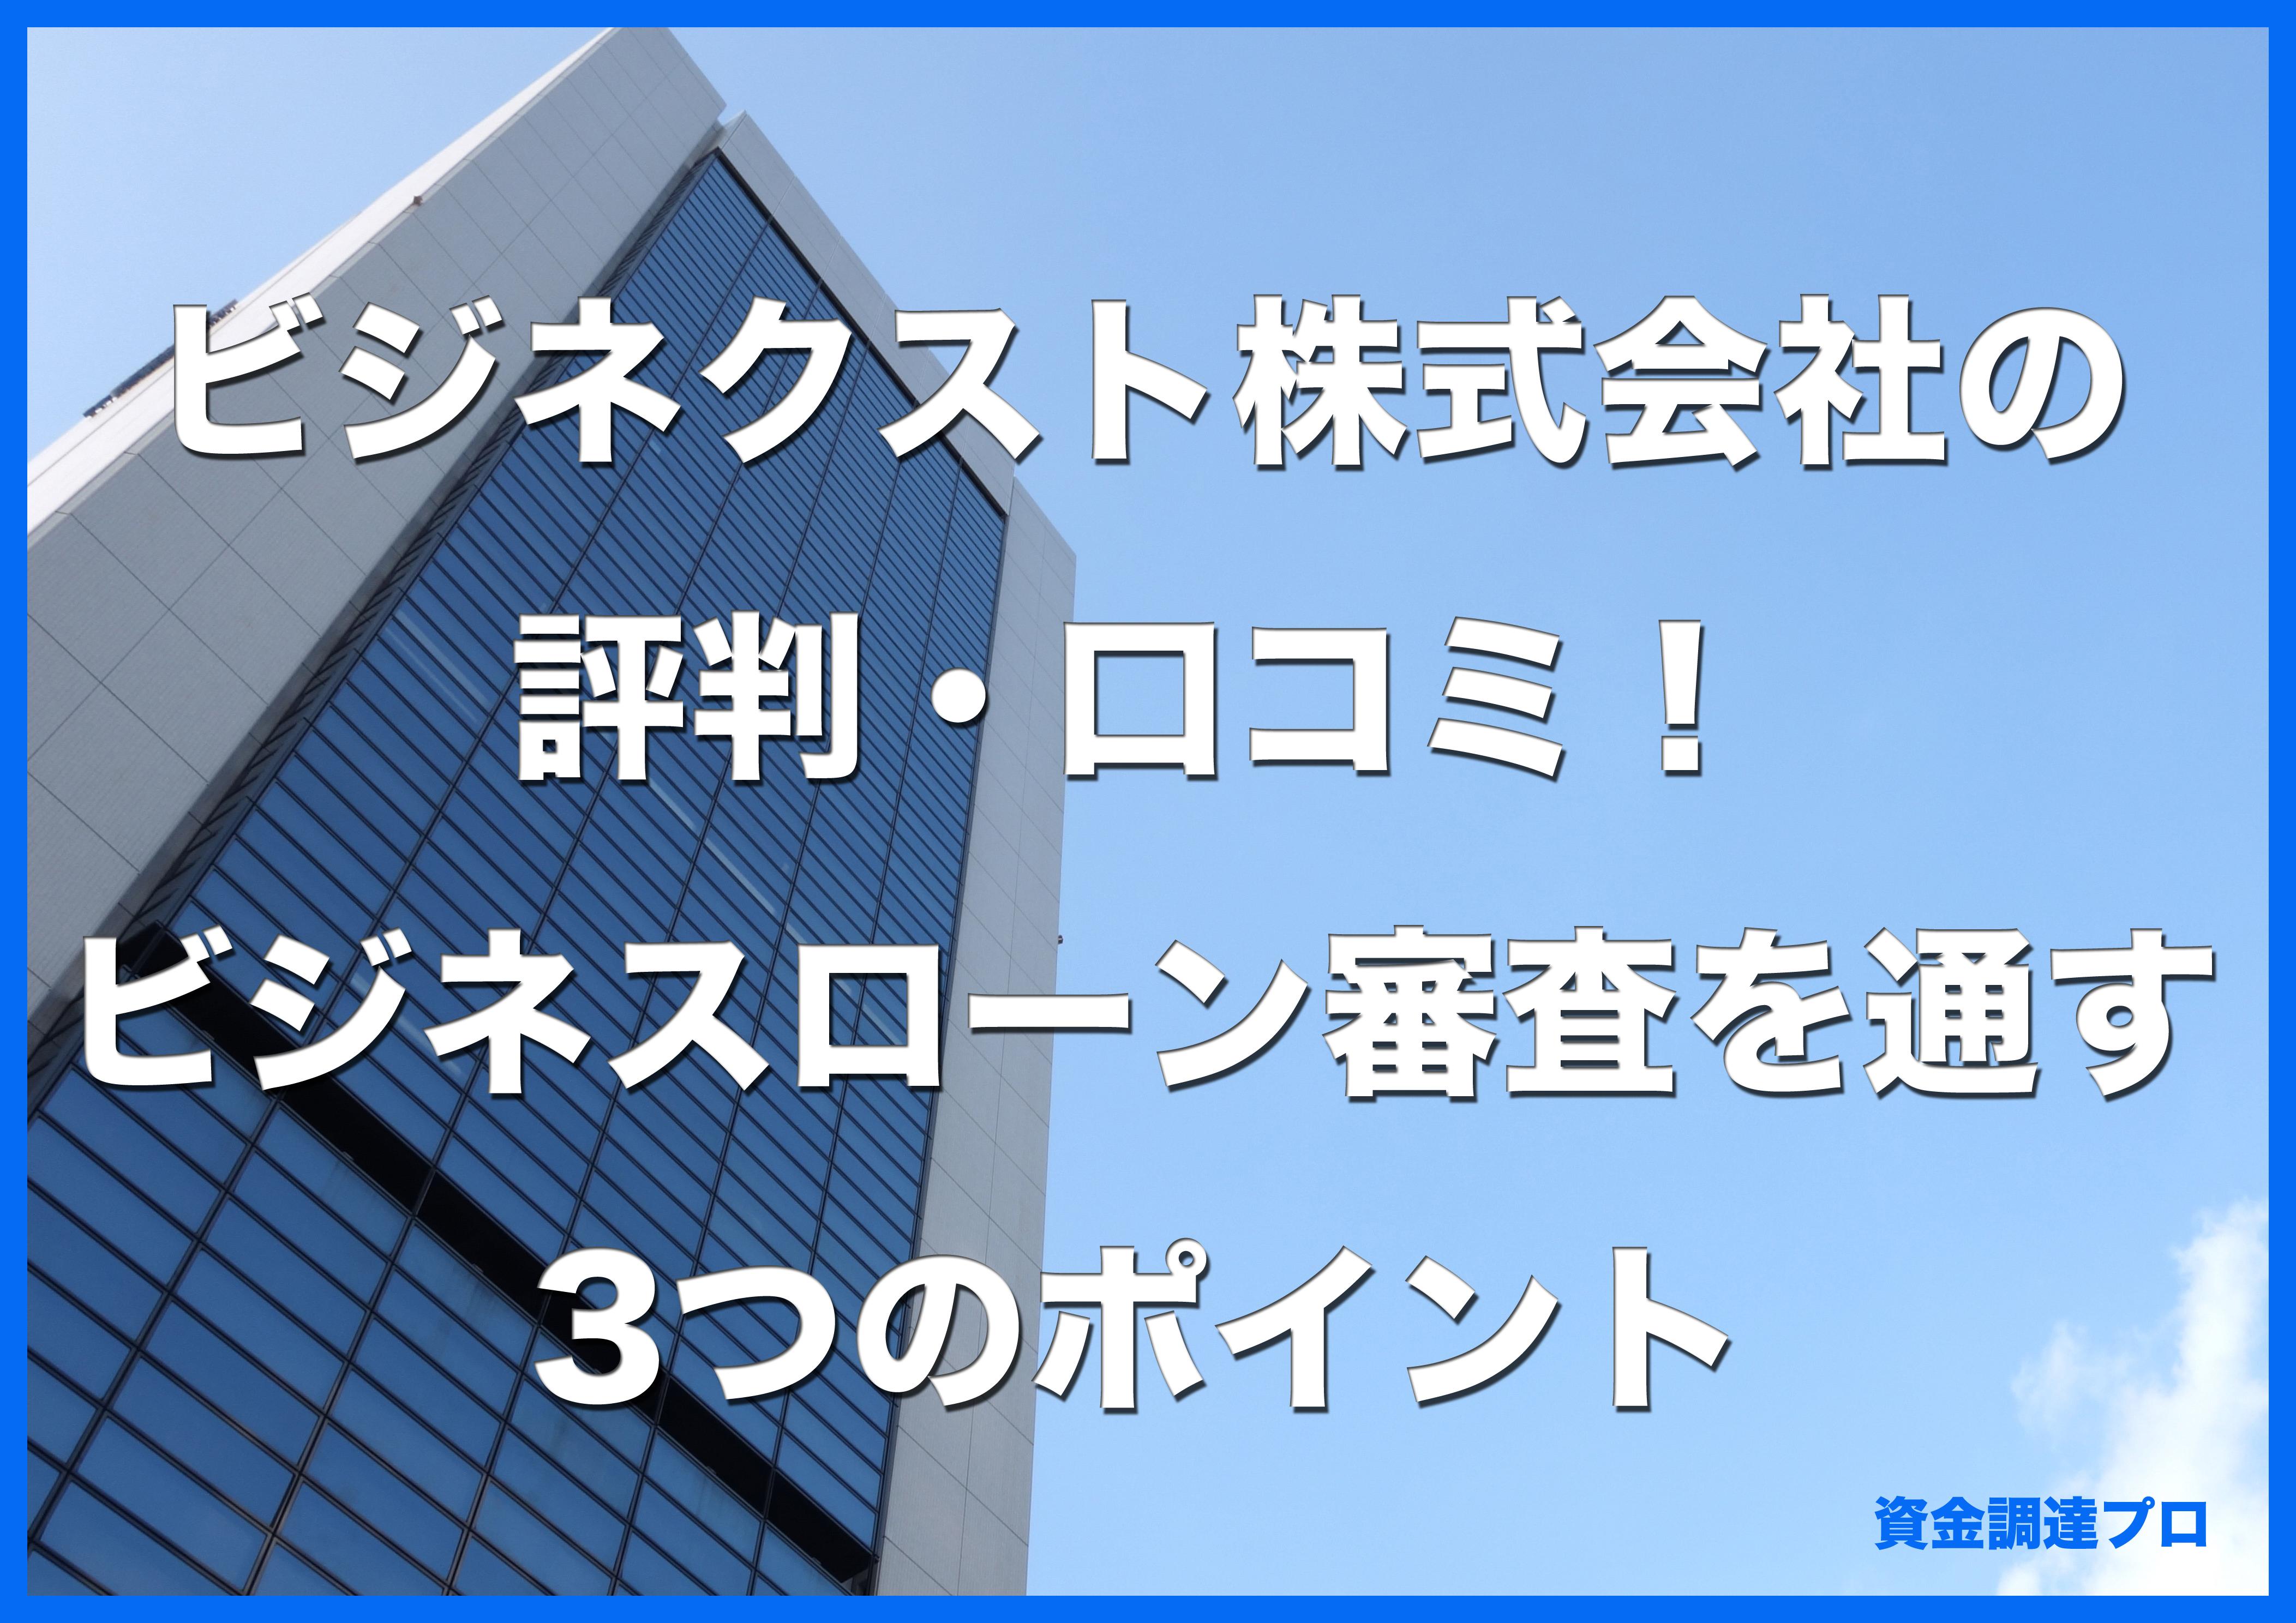 ビジネクスト株式会社の評判・口コミ!ビジネスローン審査を通す3つのポイント